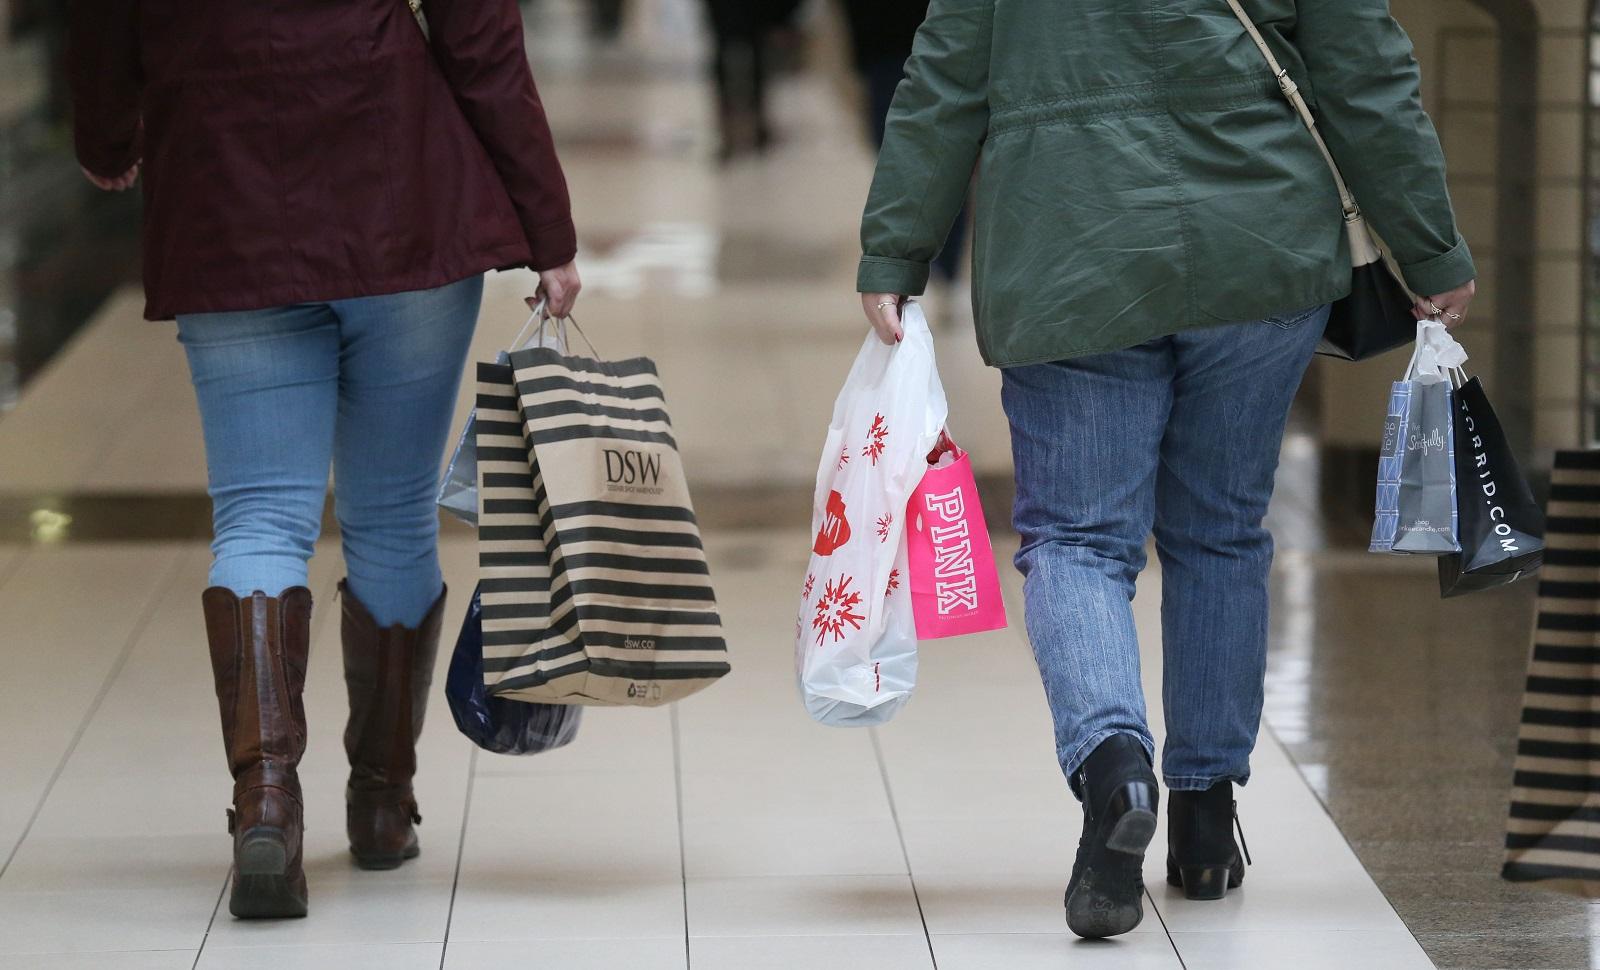 Walden Galleria will close early. (Sharon Cantillon/Buffalo News)